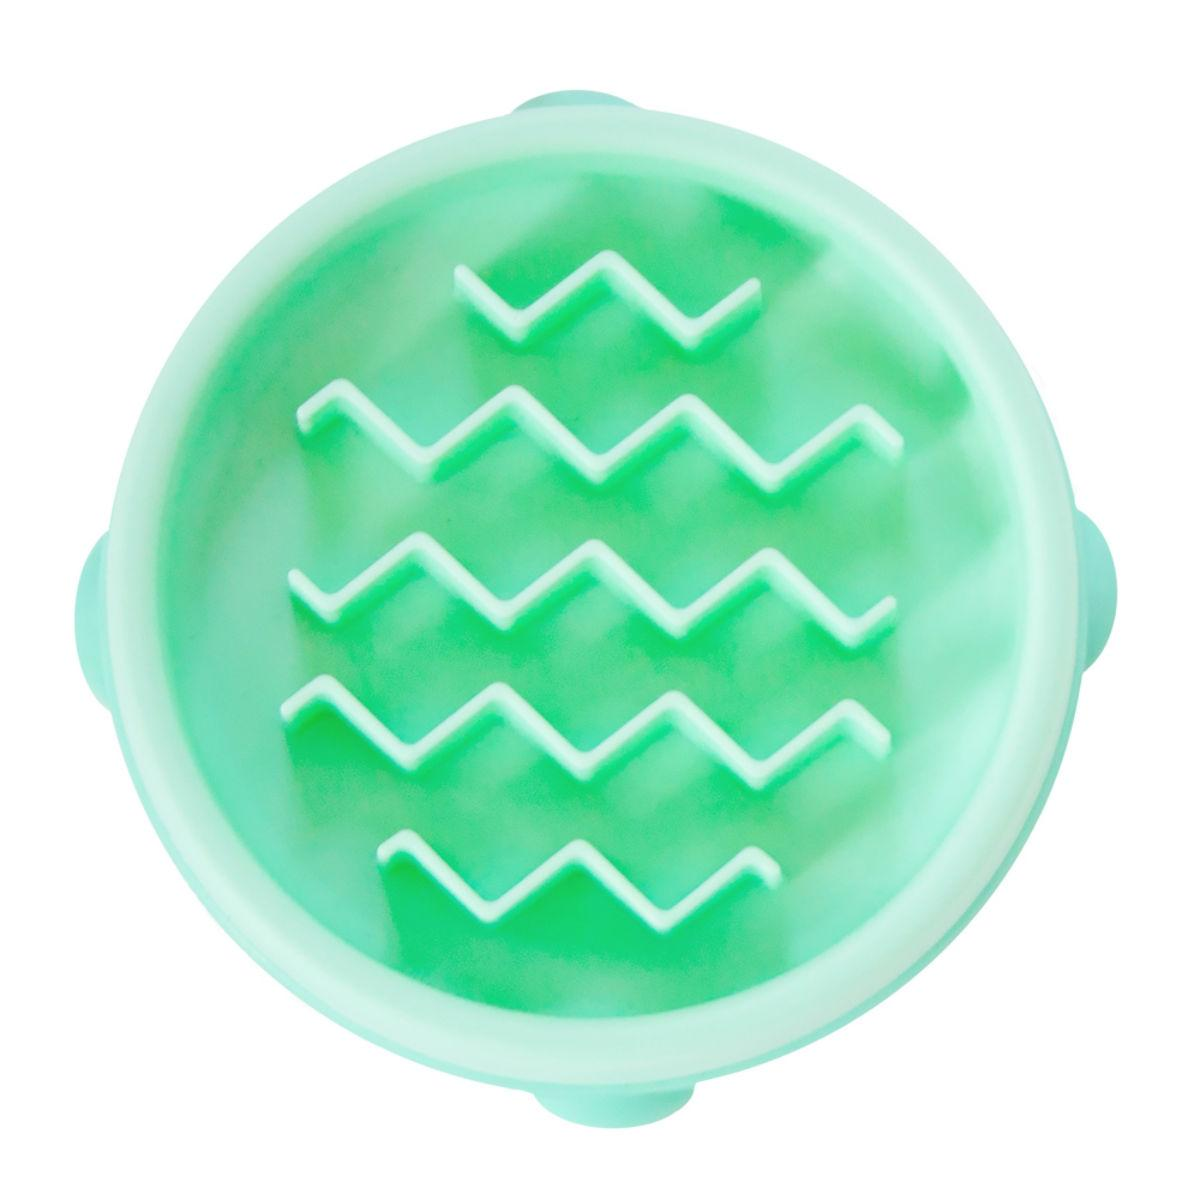 Fun Feeder Slow Feeder Dog Bowl - Mint Wave